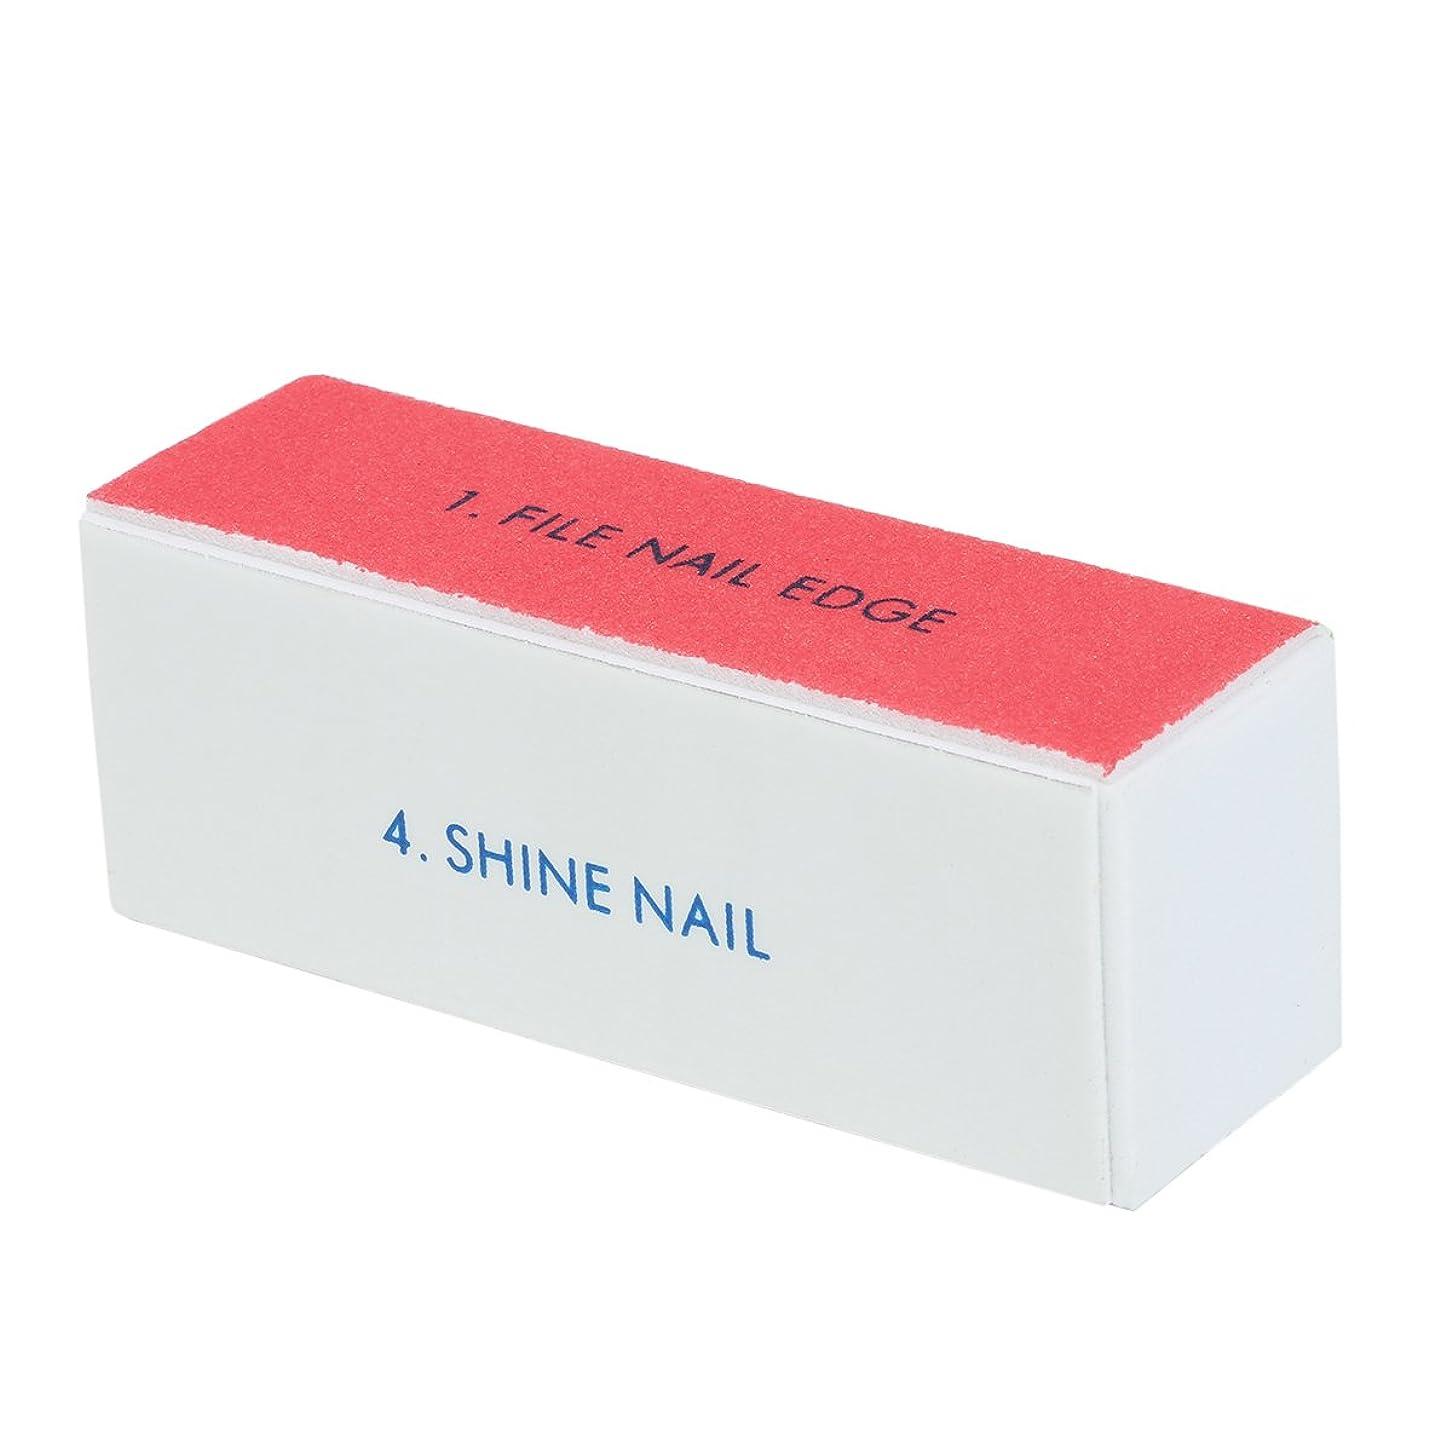 ふさわしい包括的爪Goshang ブロックバッファー 爪やすり 爪磨き 4面ブロックバッファー ネイルシャイン ネイルケア